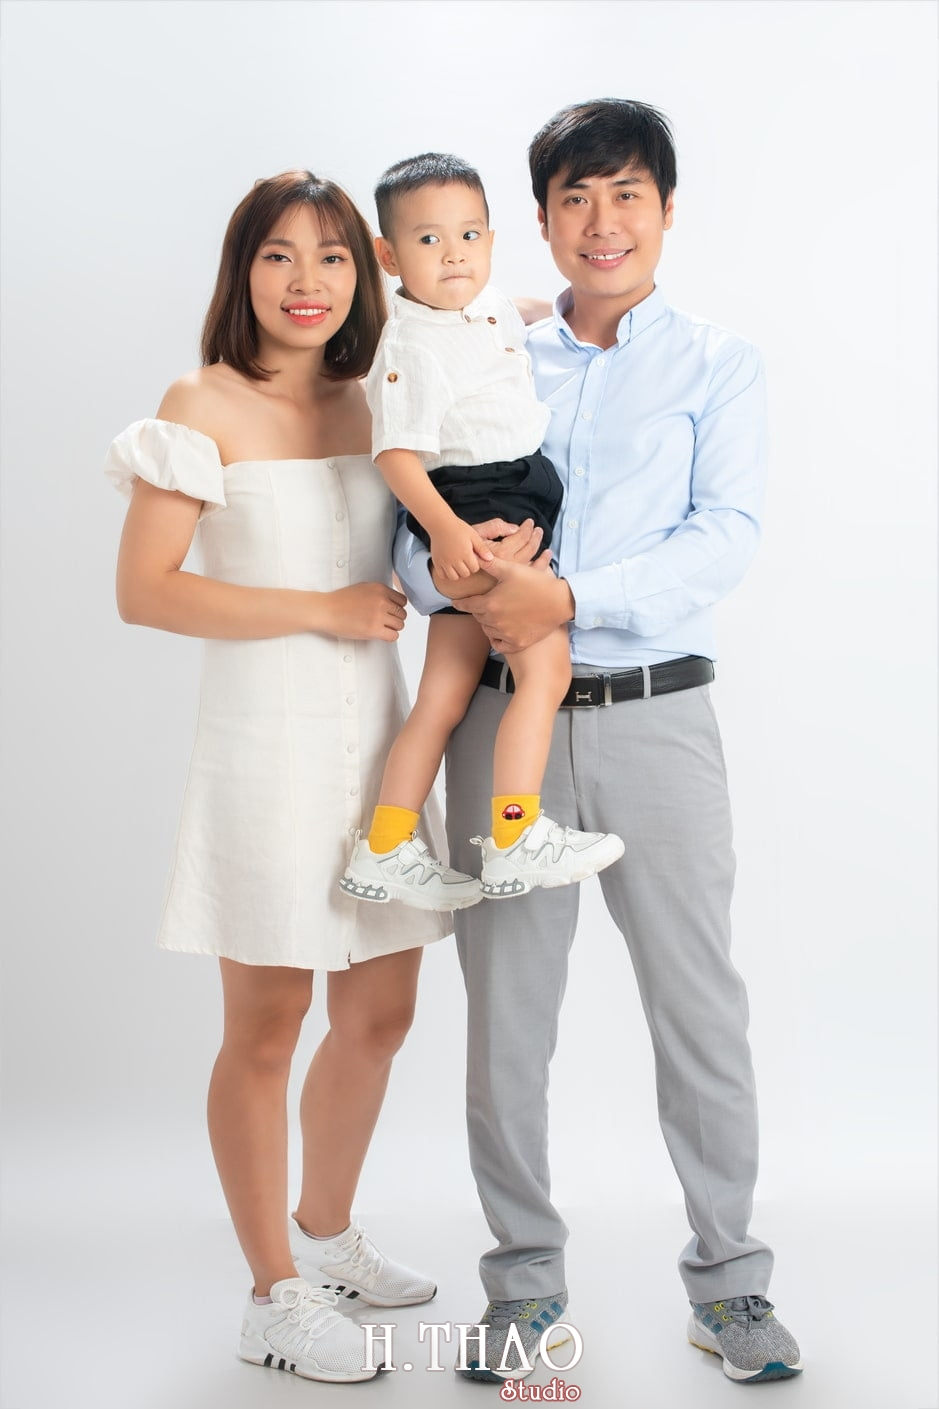 Anh gia dinh 8 - Dịch vụ chụp ảnh kỷ niệm ngày cưới - HThao Studio